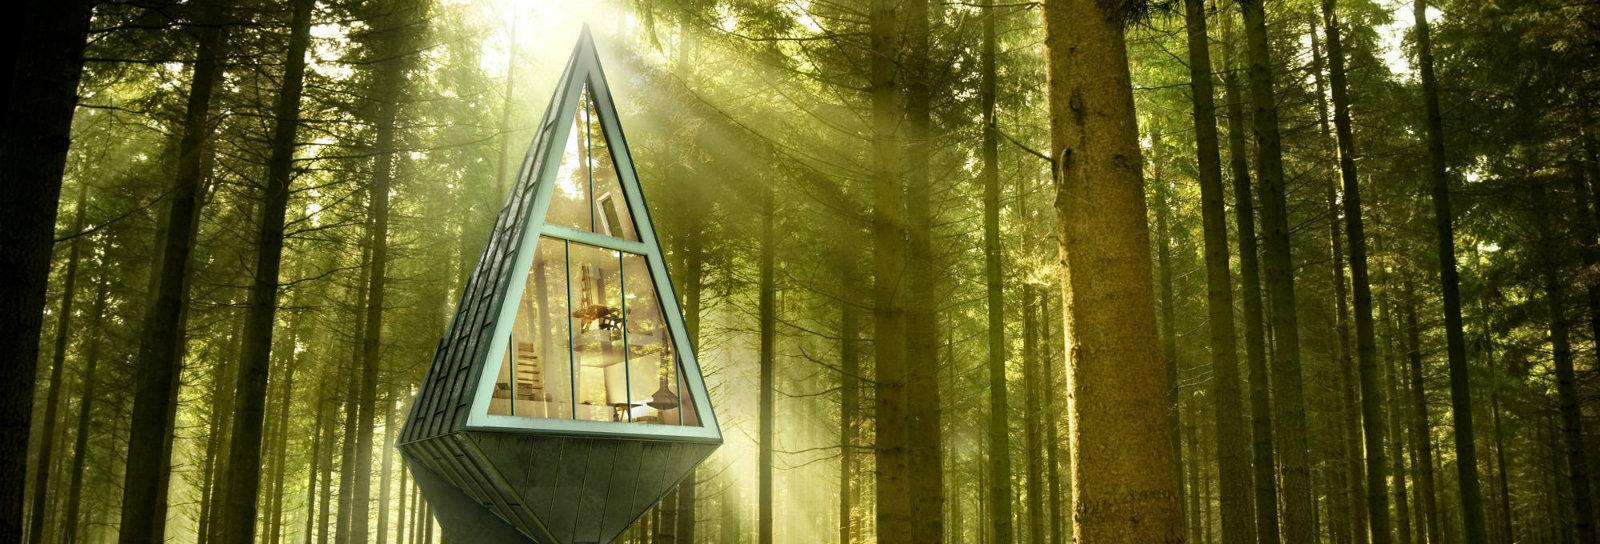 Arquiteto cria projeto para mostrar como é viver sustentavelmente fora das grandes cidades